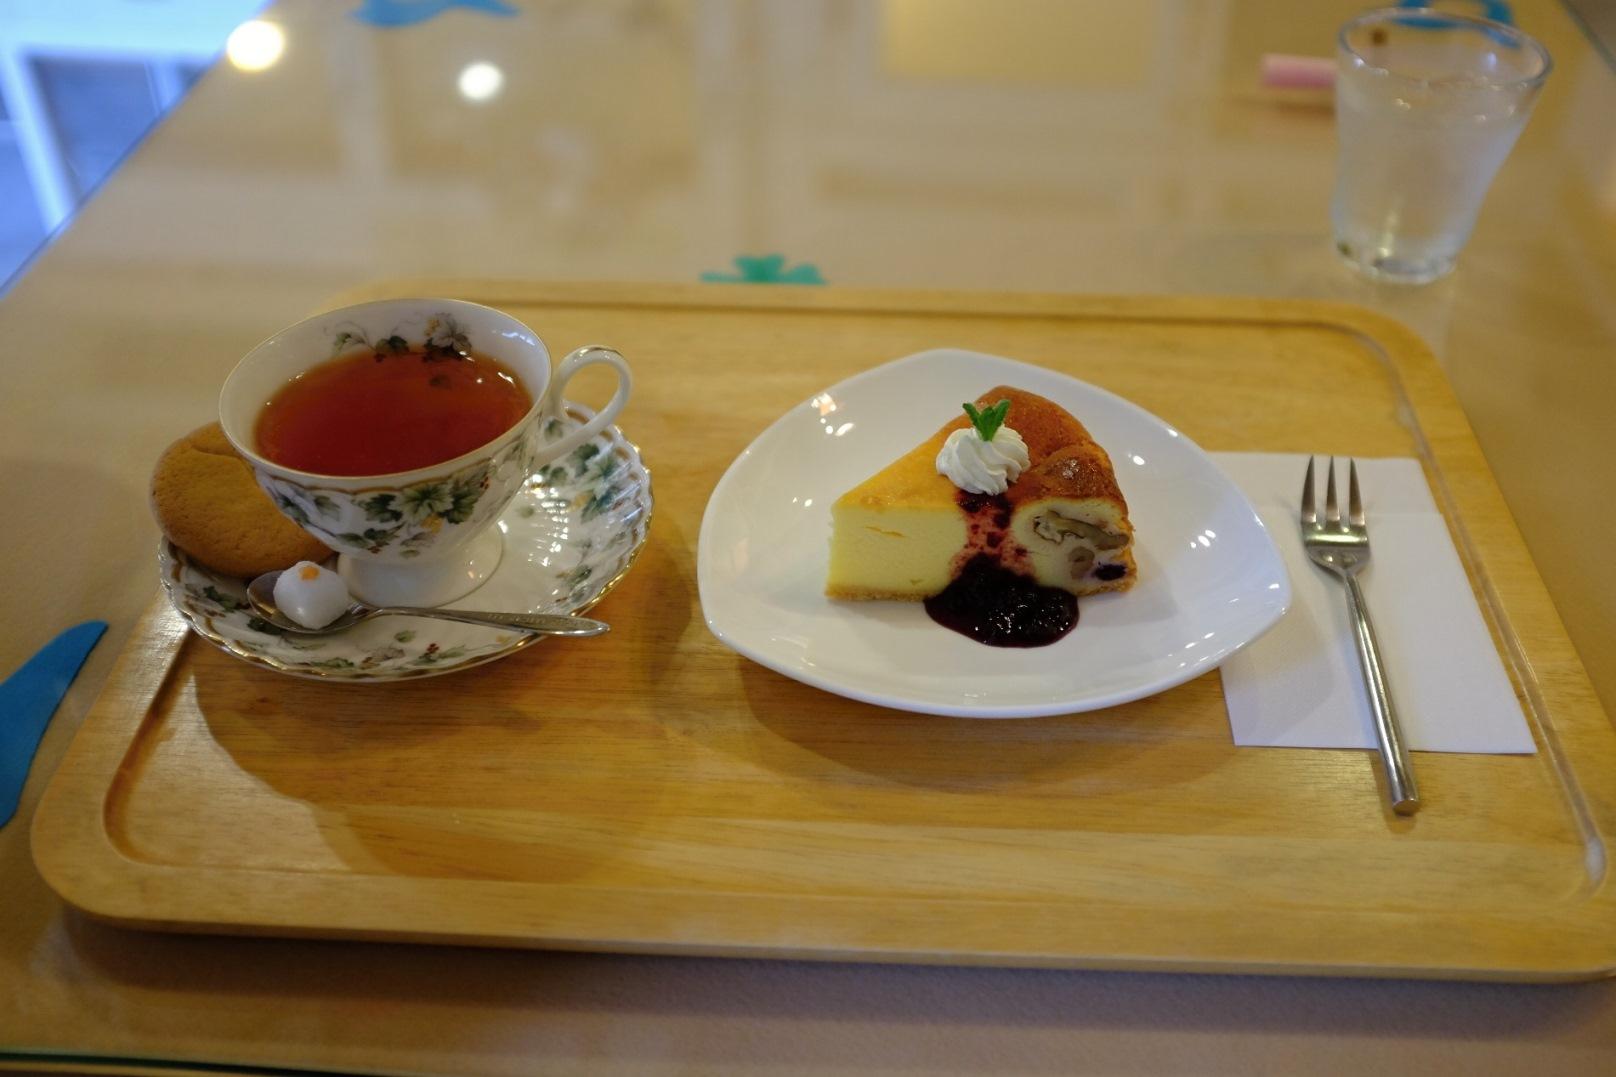 甘味遊行 パトリ cafe/market  / 奈良町_d0233770_23242782.jpg